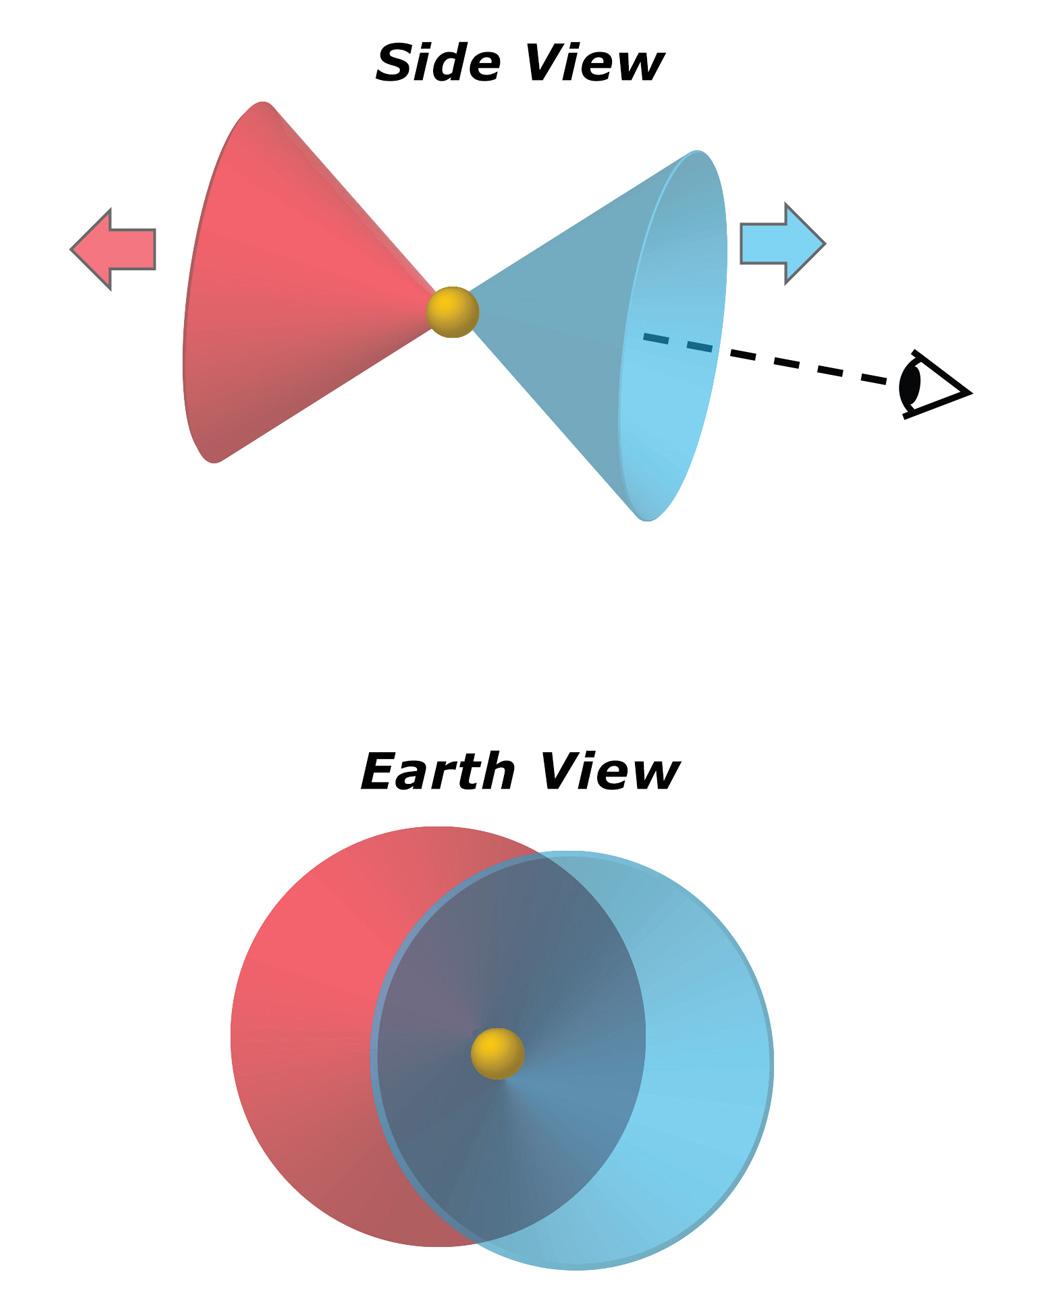 青い環状星雲の正体は、中心星から離れる円錐型の破片の雲であり、たまたま地球から見たとき円錐の重なり合う領域が環状に見えただけだった。